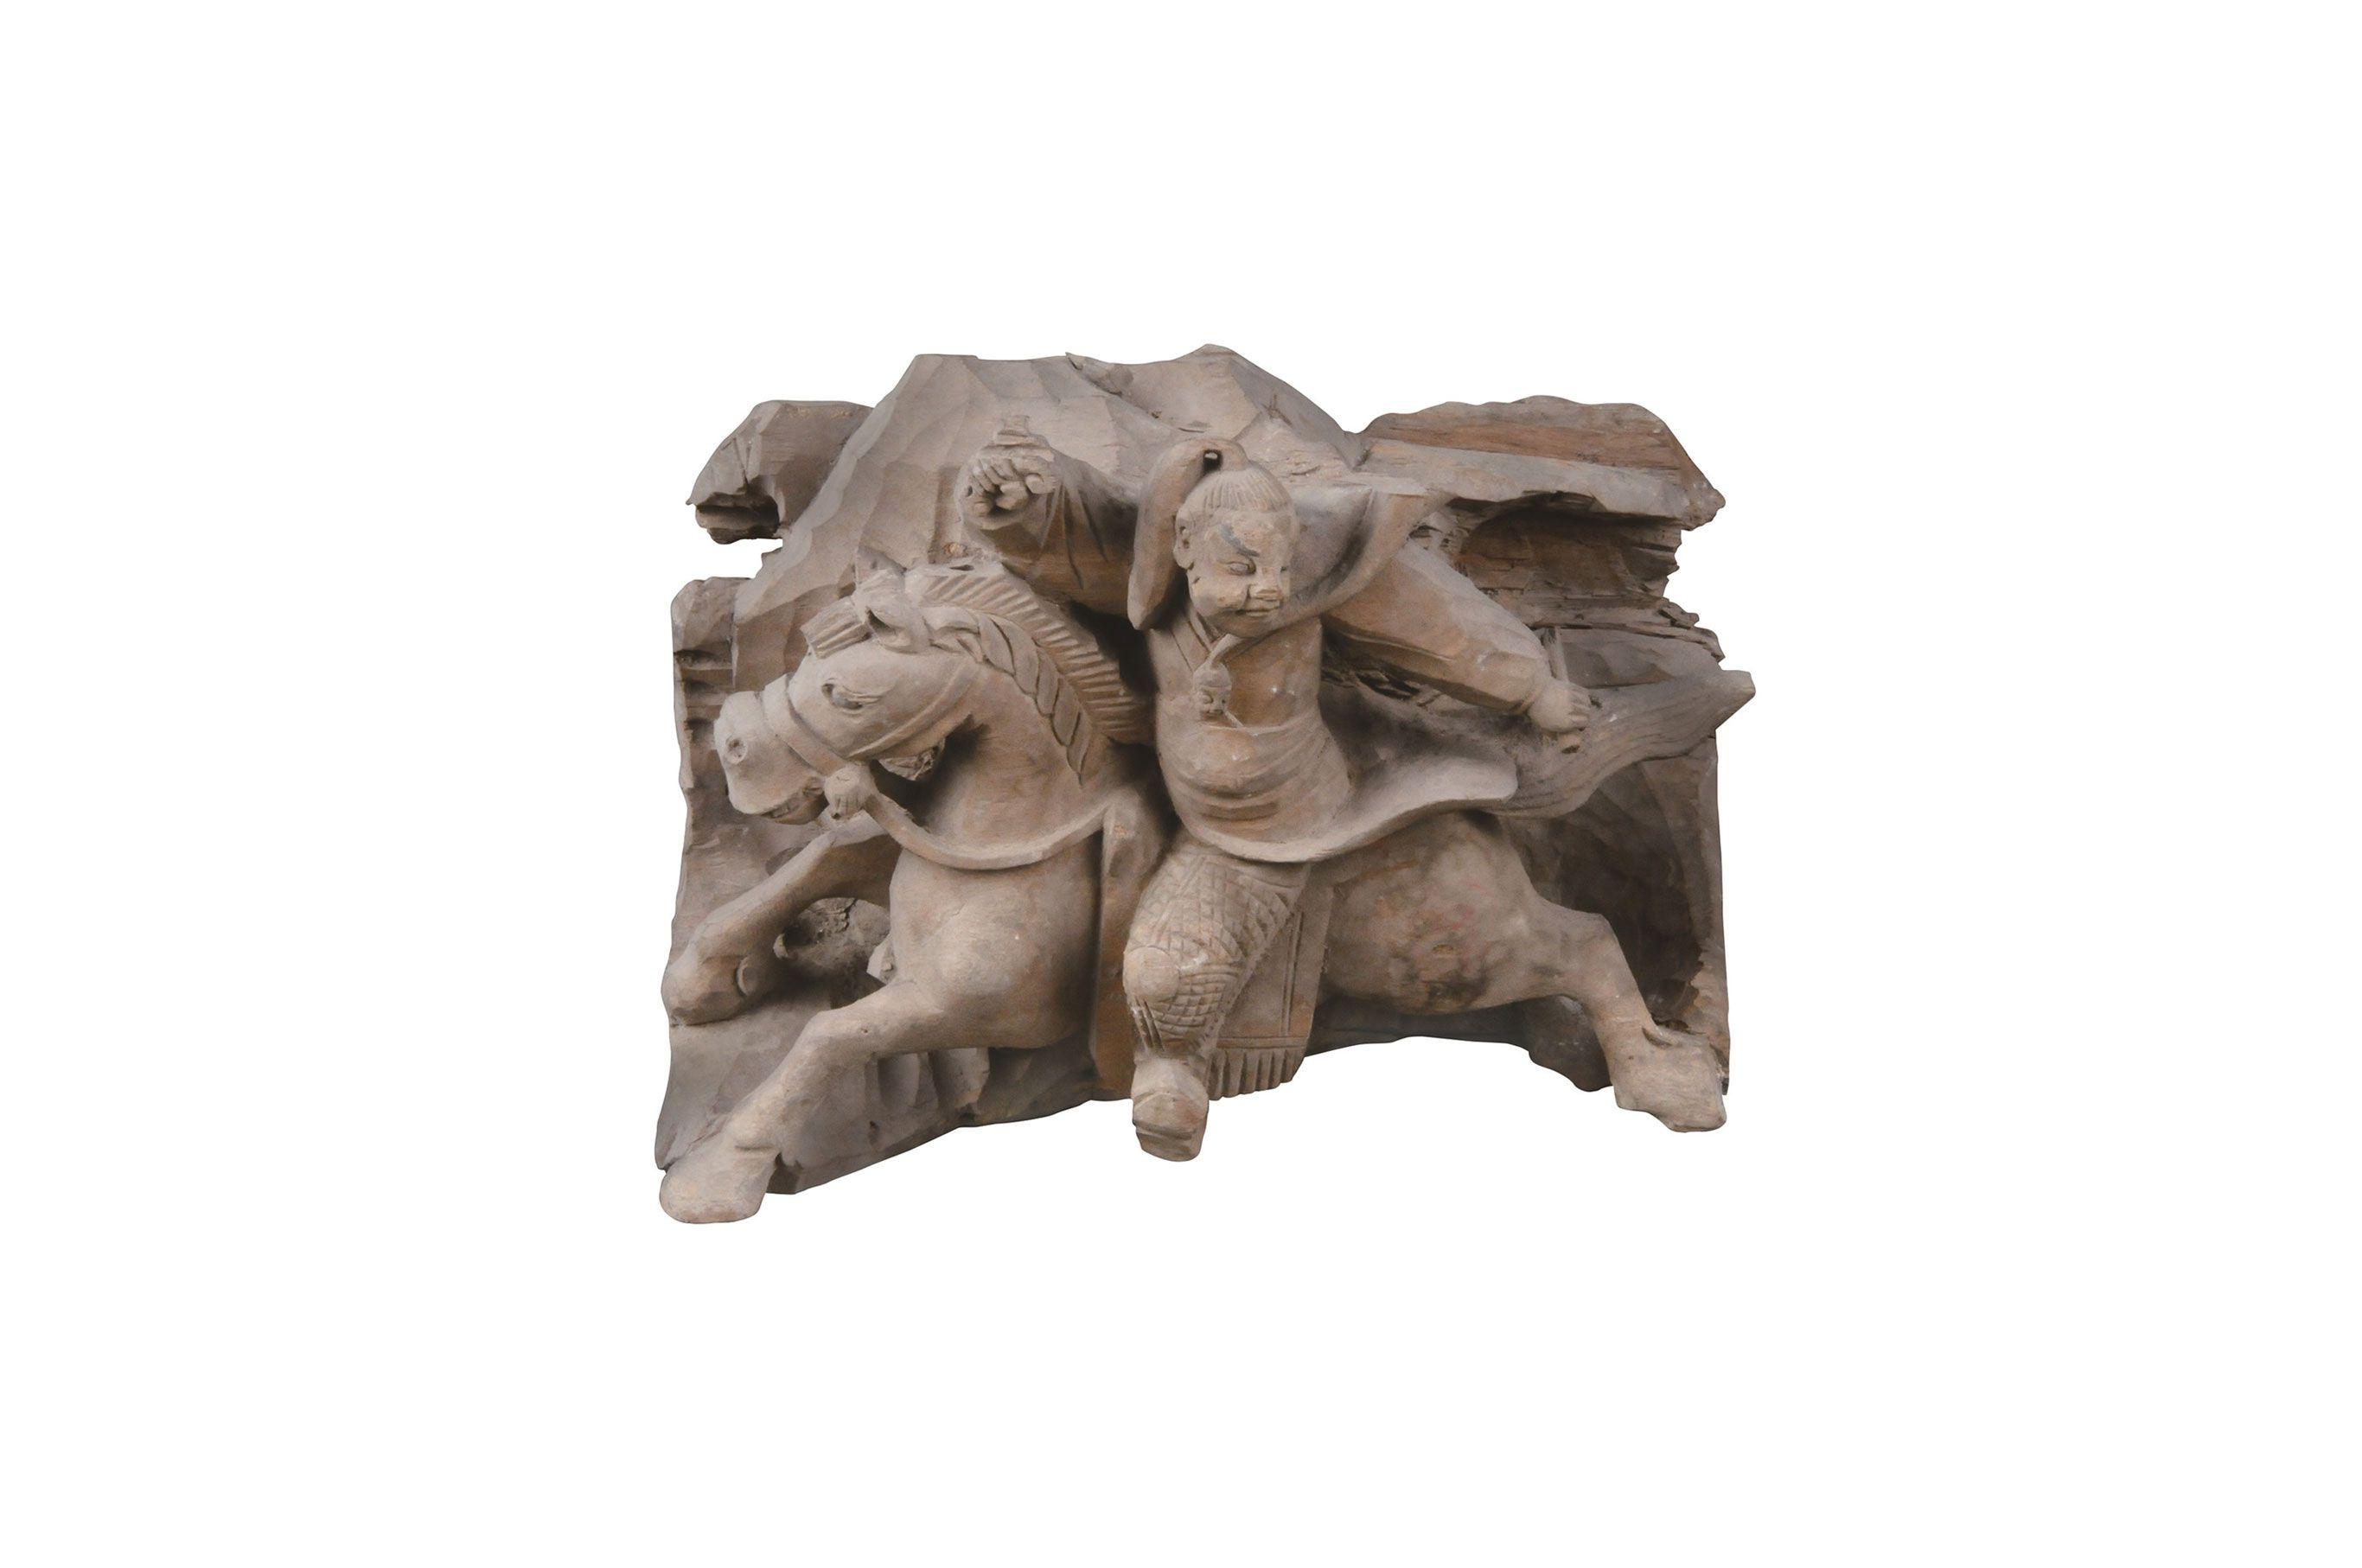 趙雲像(ちょううんぞう)木製 清時代・17~18世紀 安徽省亳州市花戯楼伝来 亳州市博物館蔵